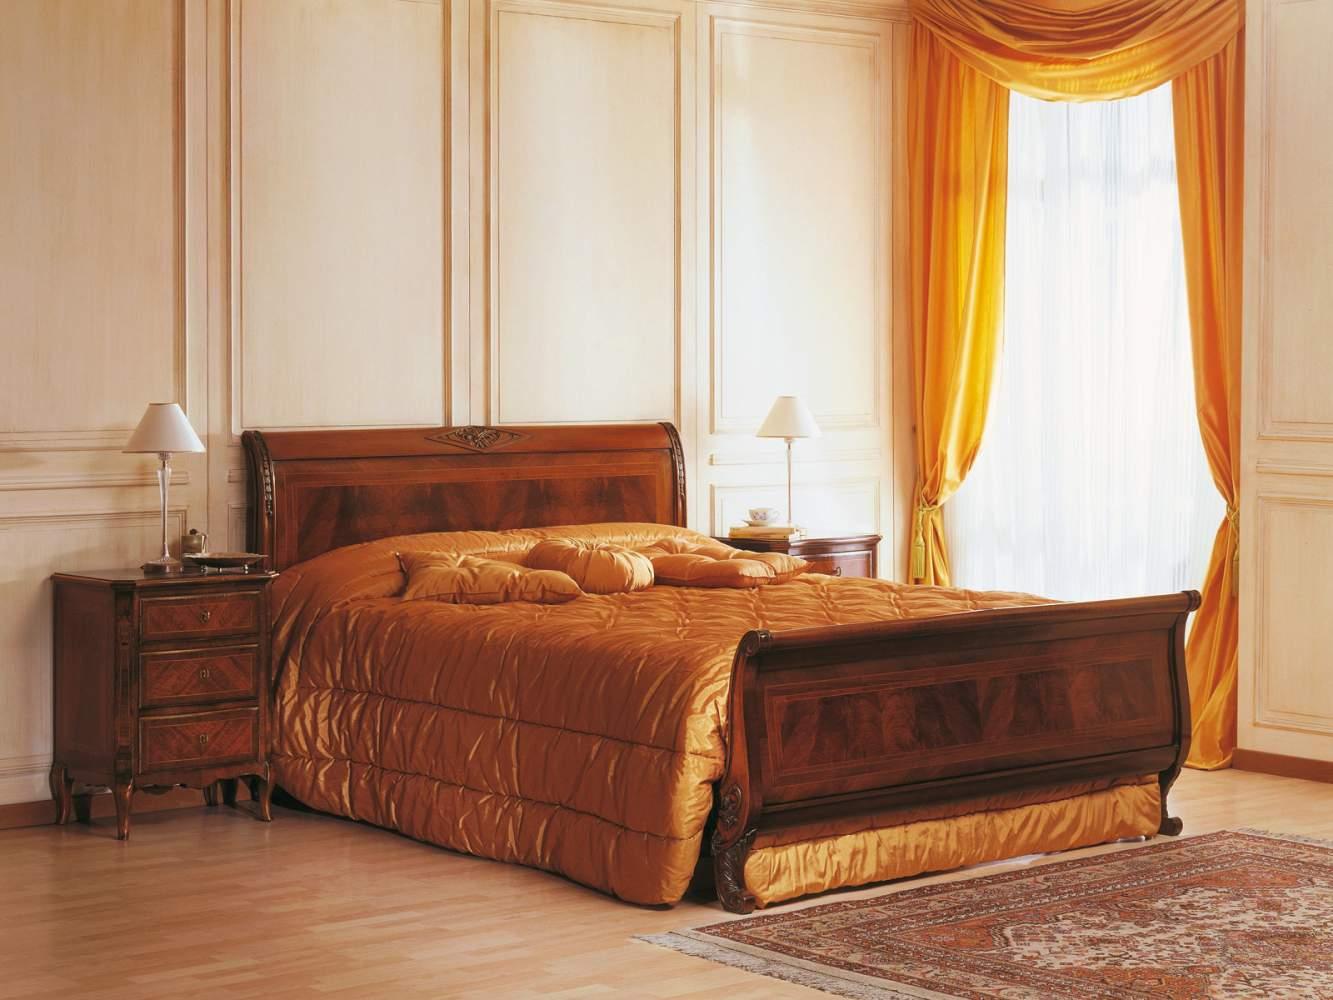 Camera in stile francese dell'800 con letto e comodini in noce intarsiato